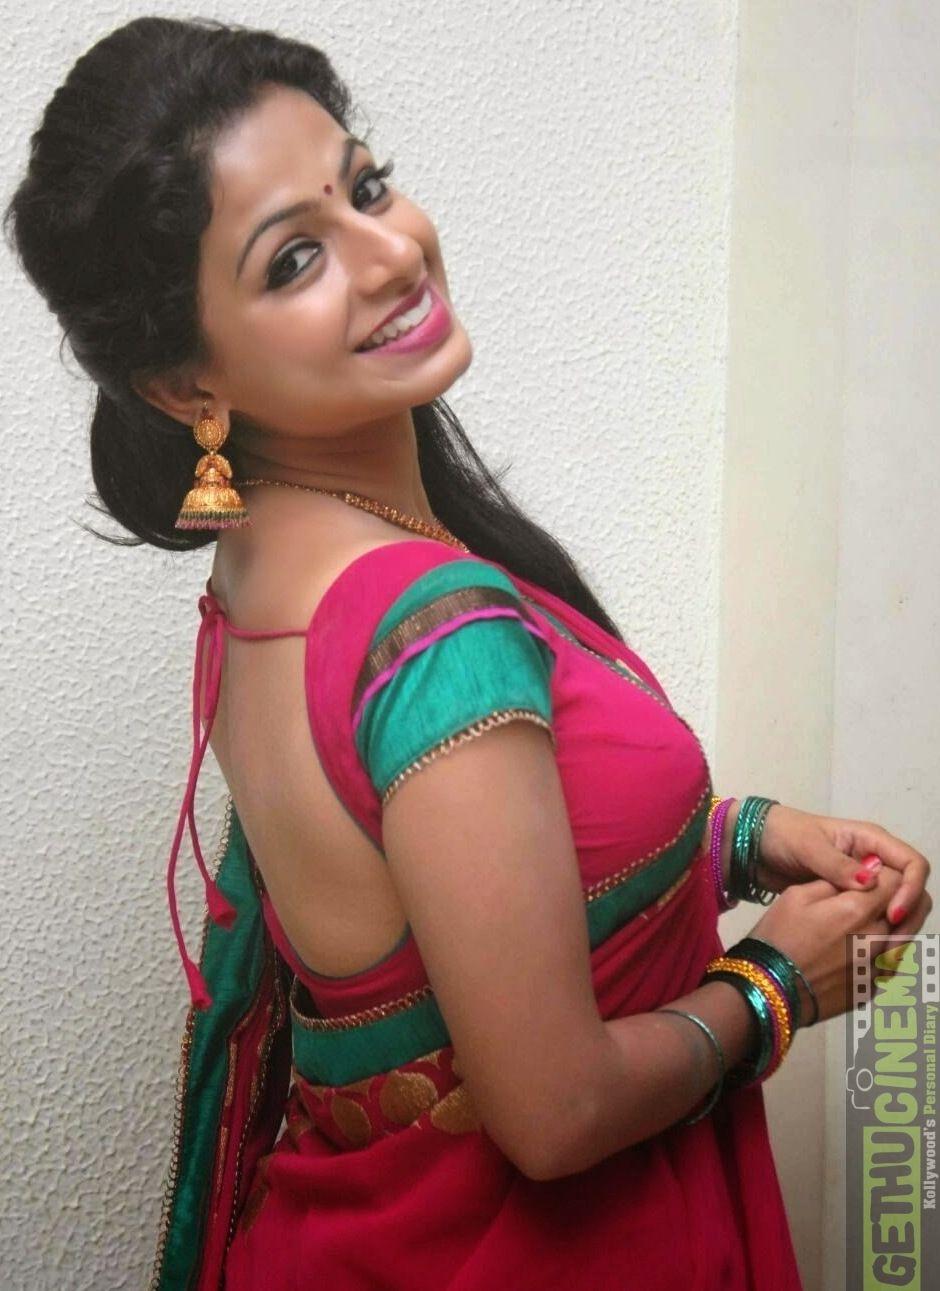 Pin On Fav Akshara menon hot pics wallpapers images